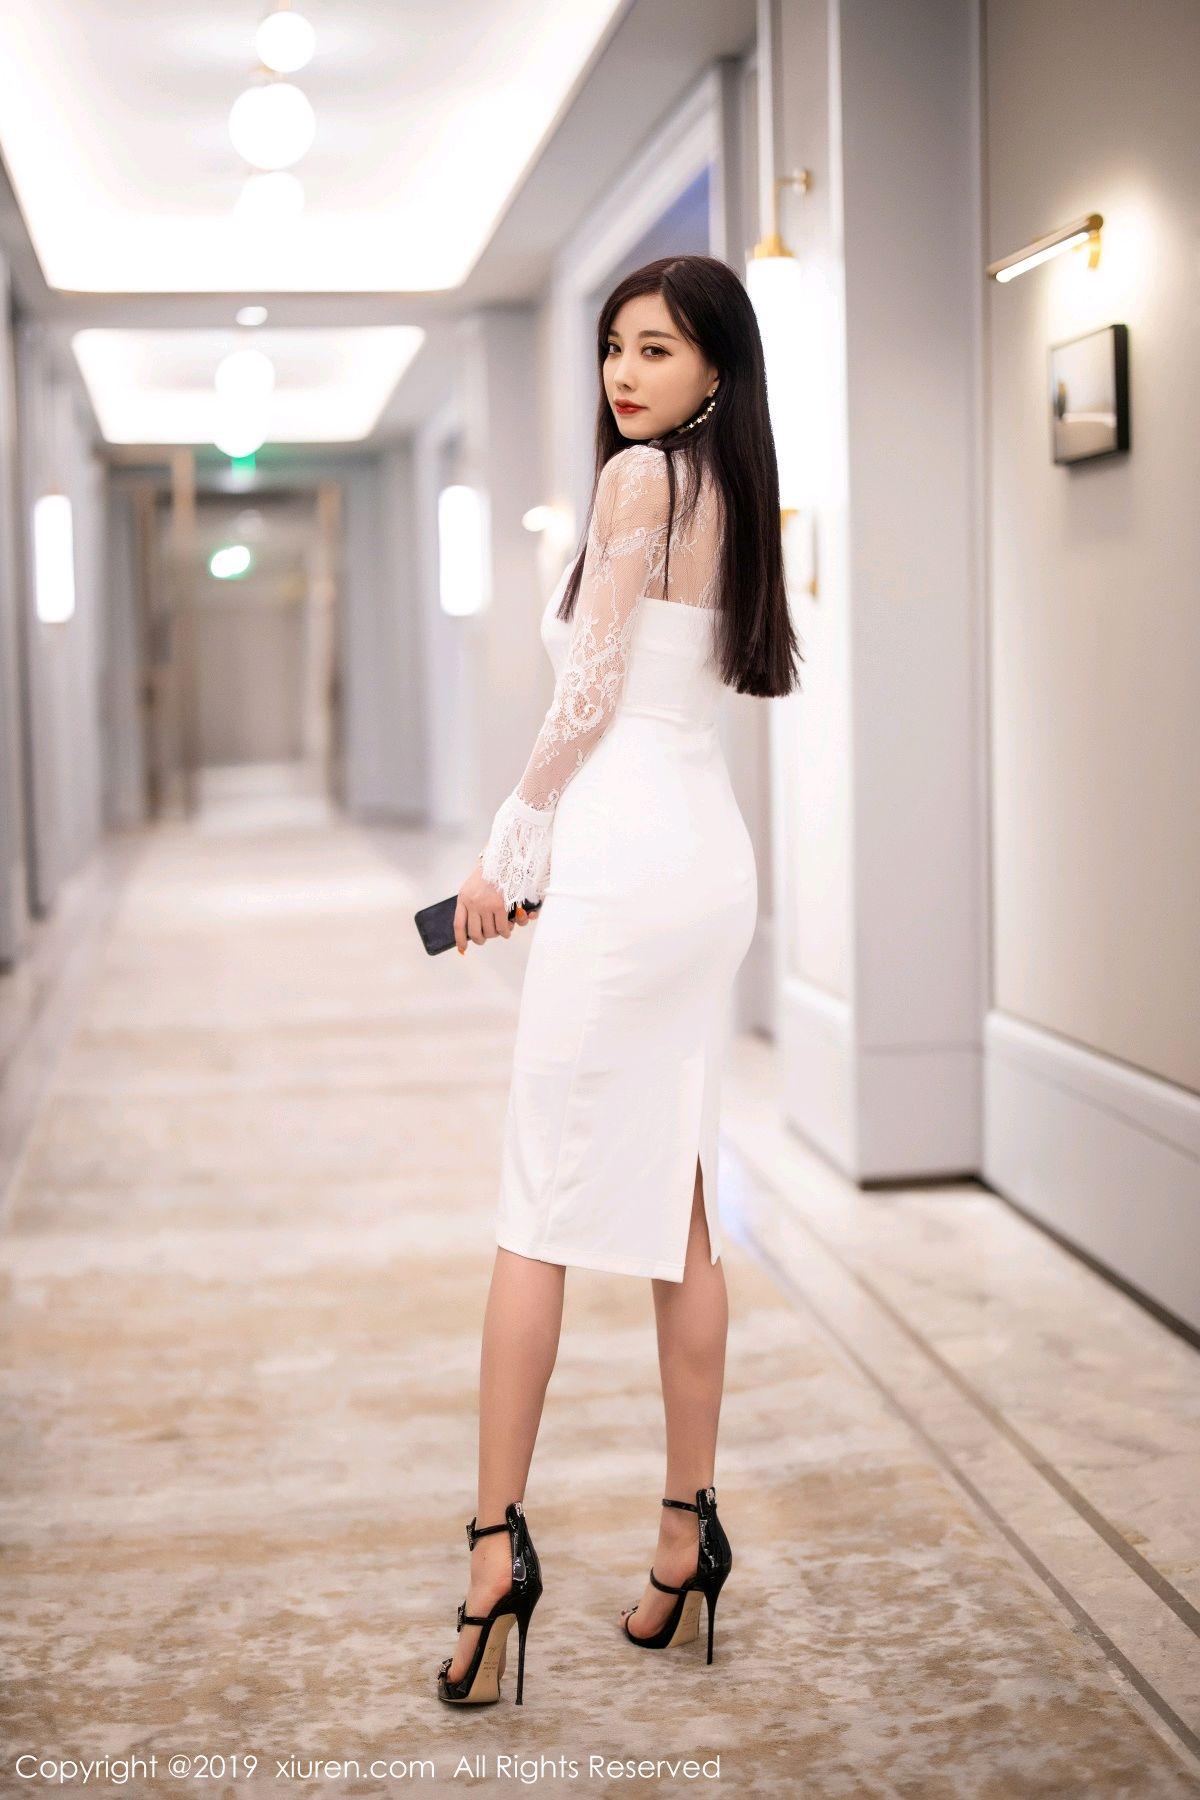 [XiuRen] Vol.1889 Yang Chen Chen 17P, Sexy, Tall, Xiuren, Yang Chen Chen